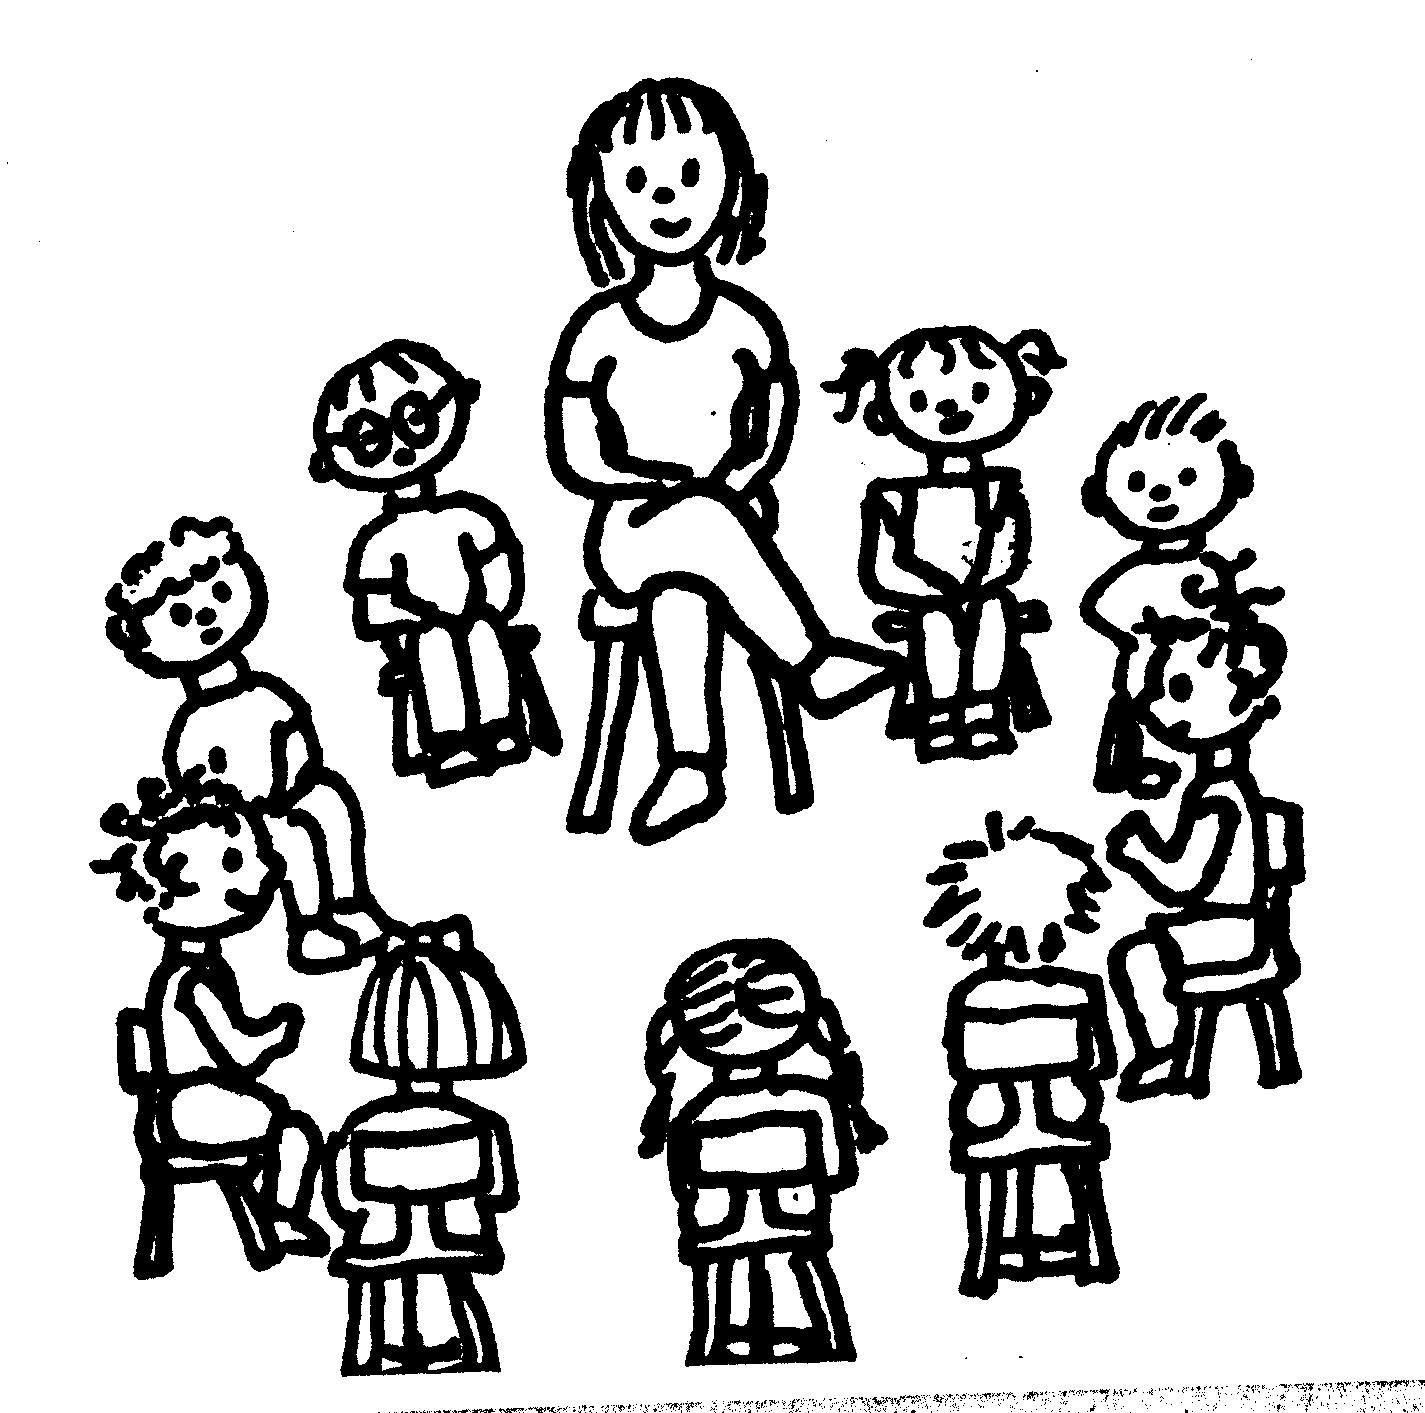 Kinderen Samen Spelen Kleurplaat Simon Zegt Geef De Kinderen Opdrachten Zoals Raak Je